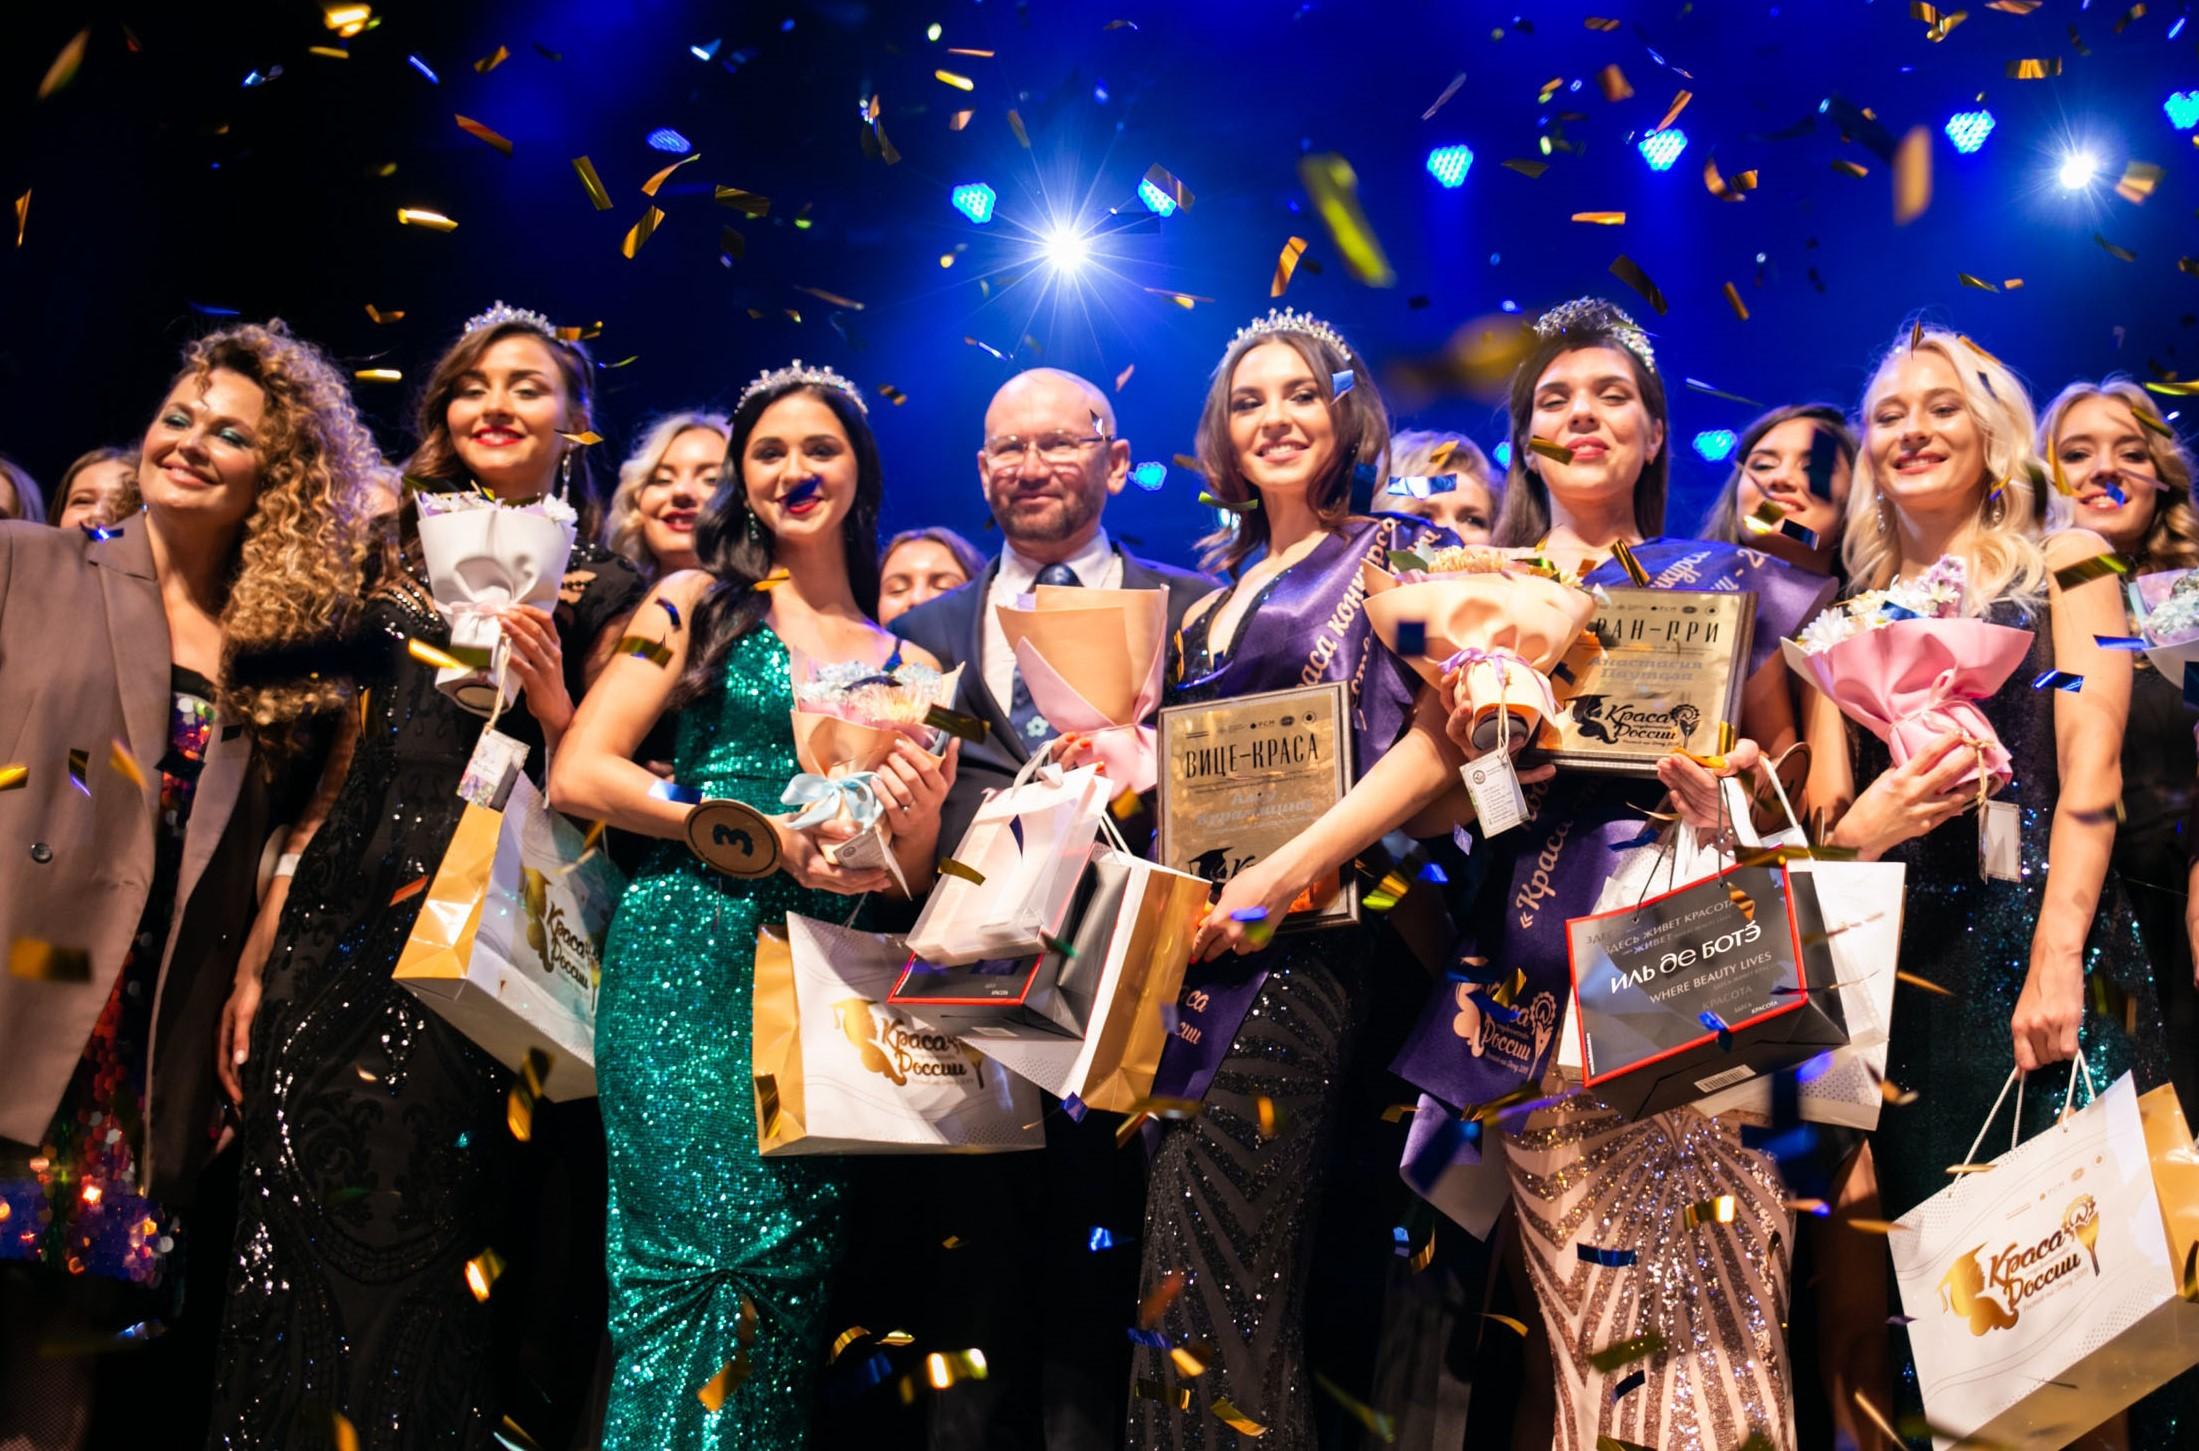 Определены финалистки Национального конкурса красоты и таланта «Краса студенчества России»